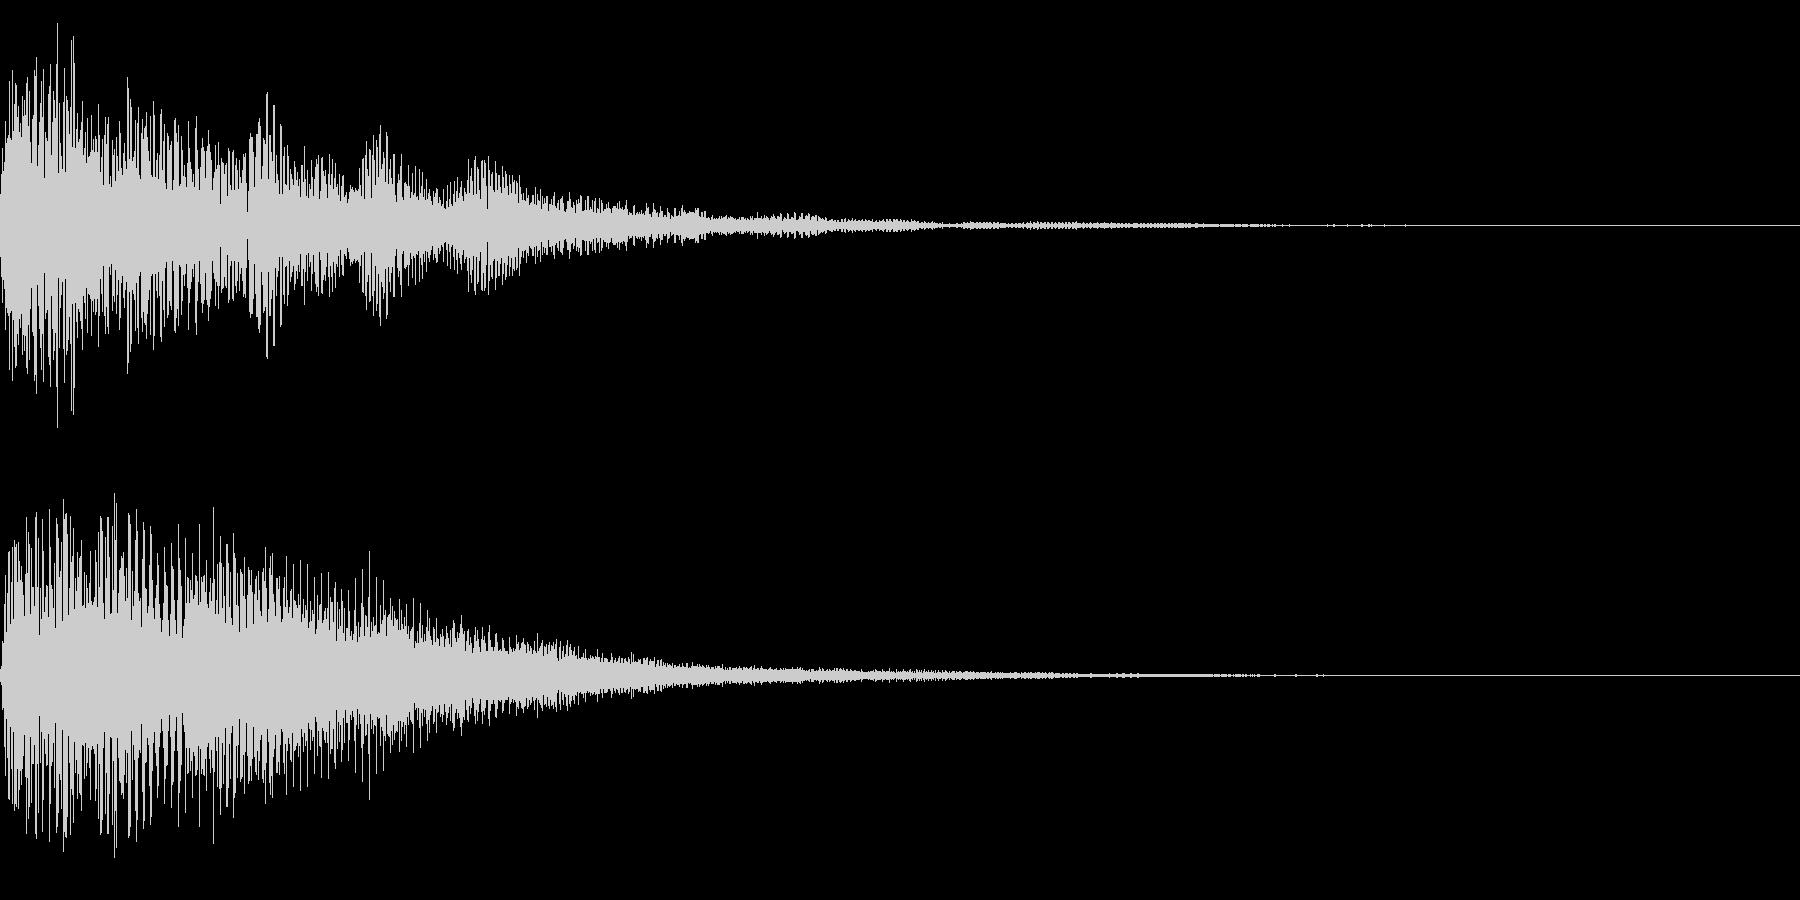 ホラー系アタック音95の未再生の波形